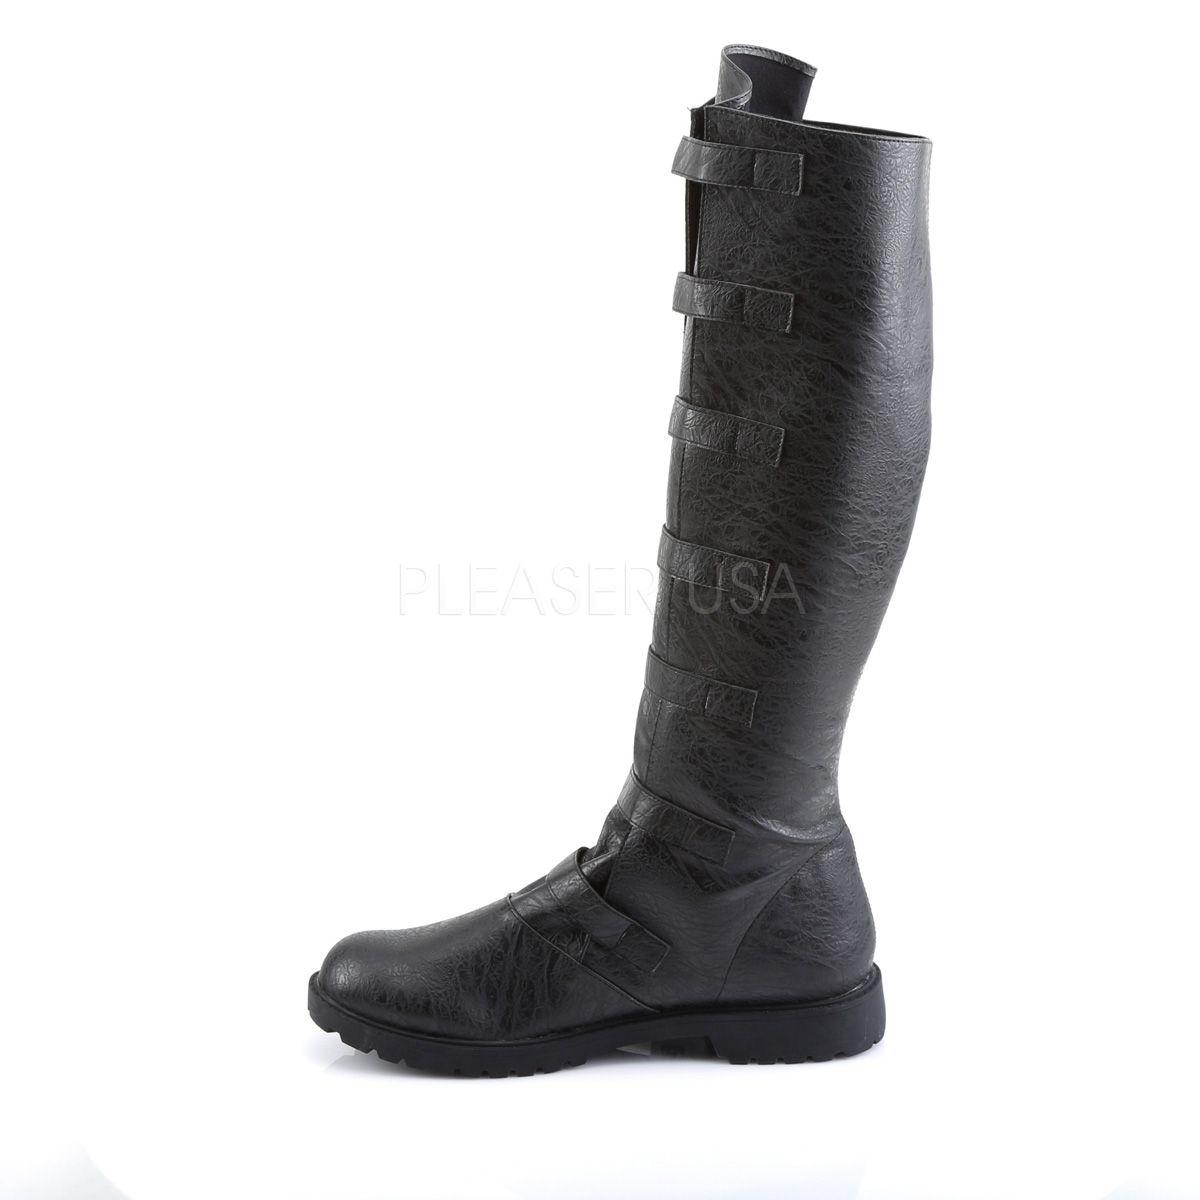 Botas de hombre para disfraz en cuero sintético con correas y hebillas